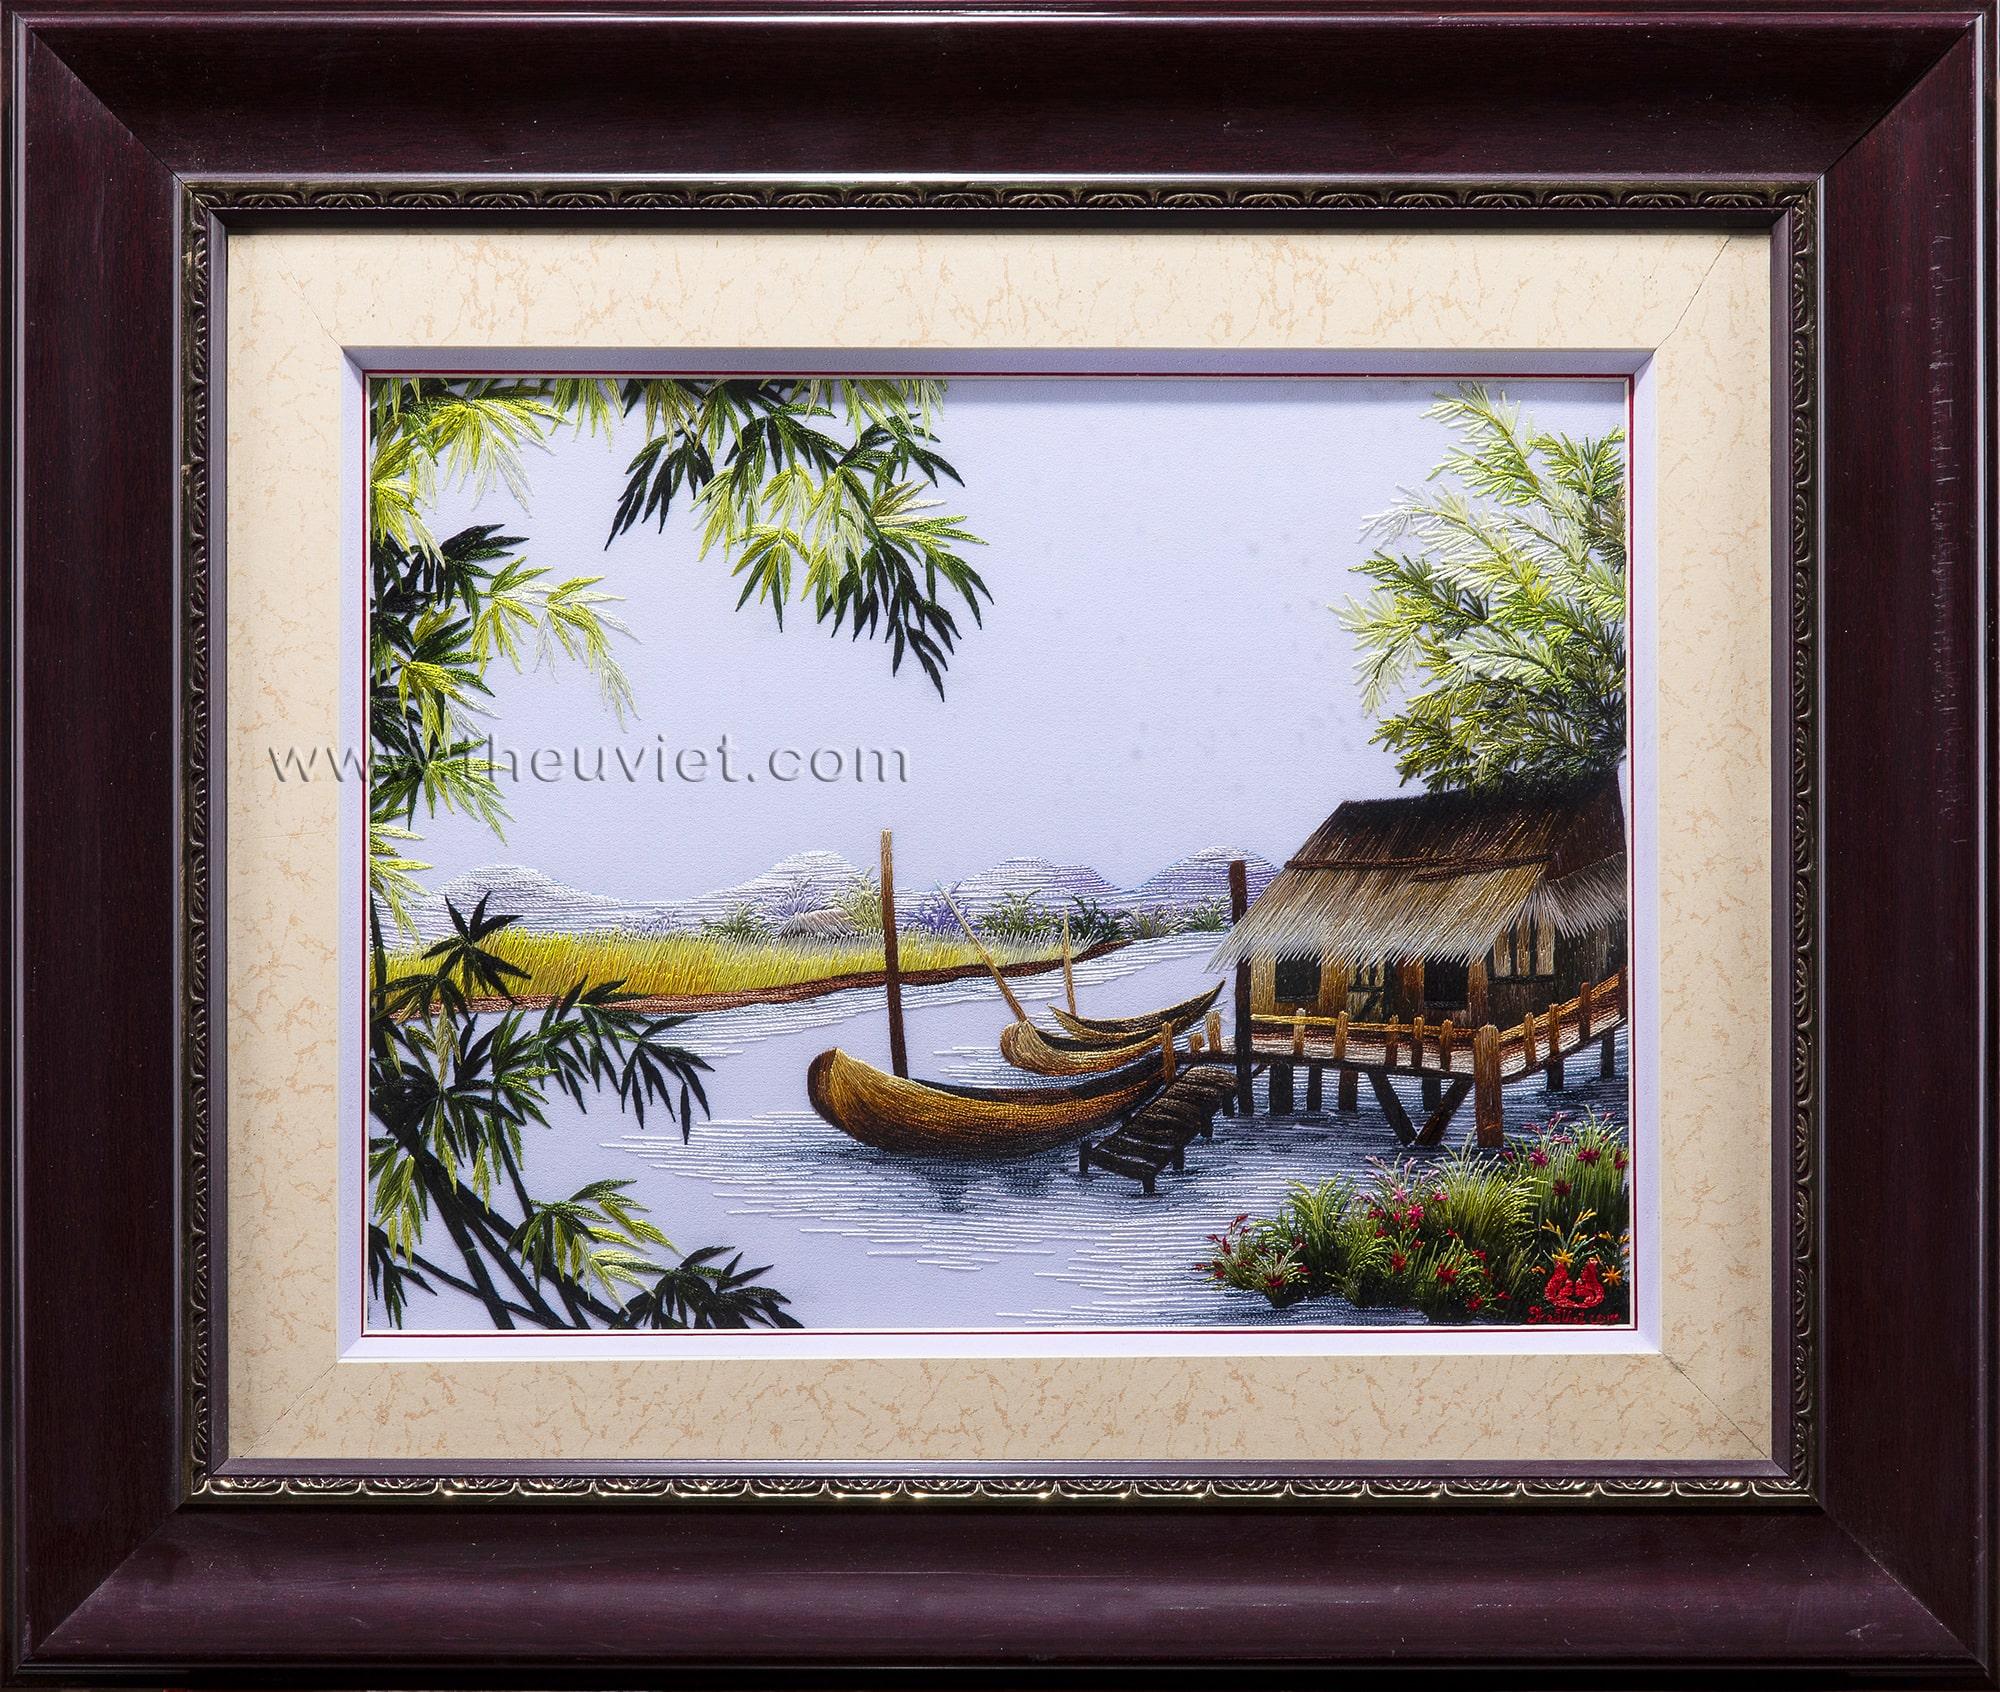 Tranh thêu phong cảnh làng quê Việt Nam ý nghĩa trong năm 2020 6